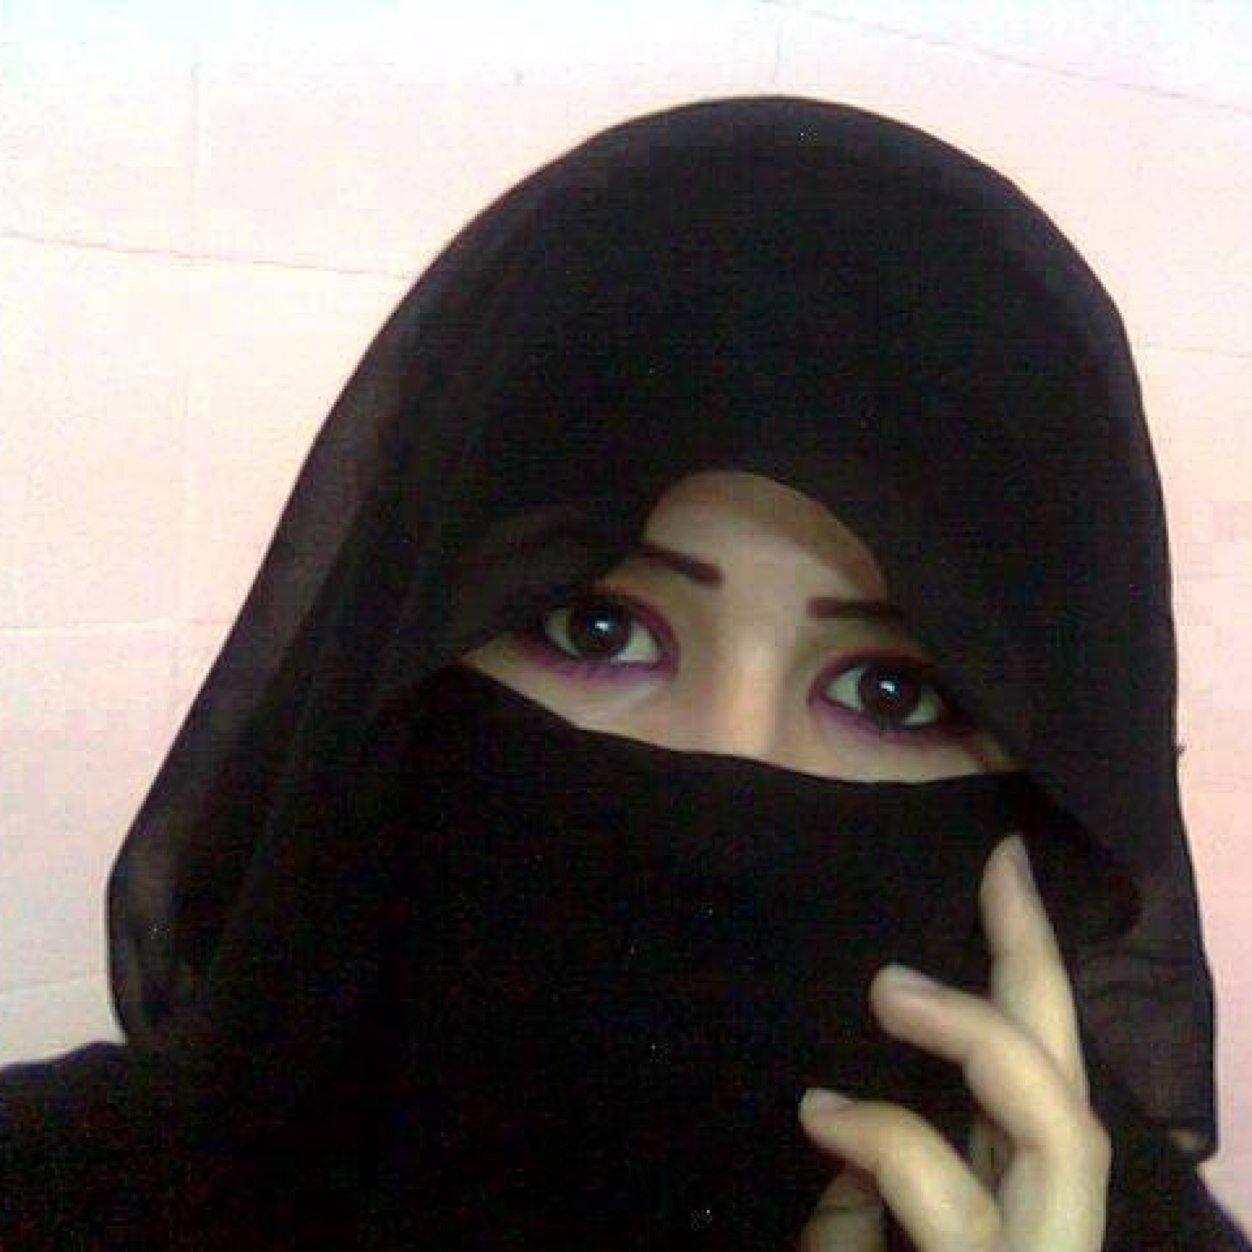 بنت اليمن Images